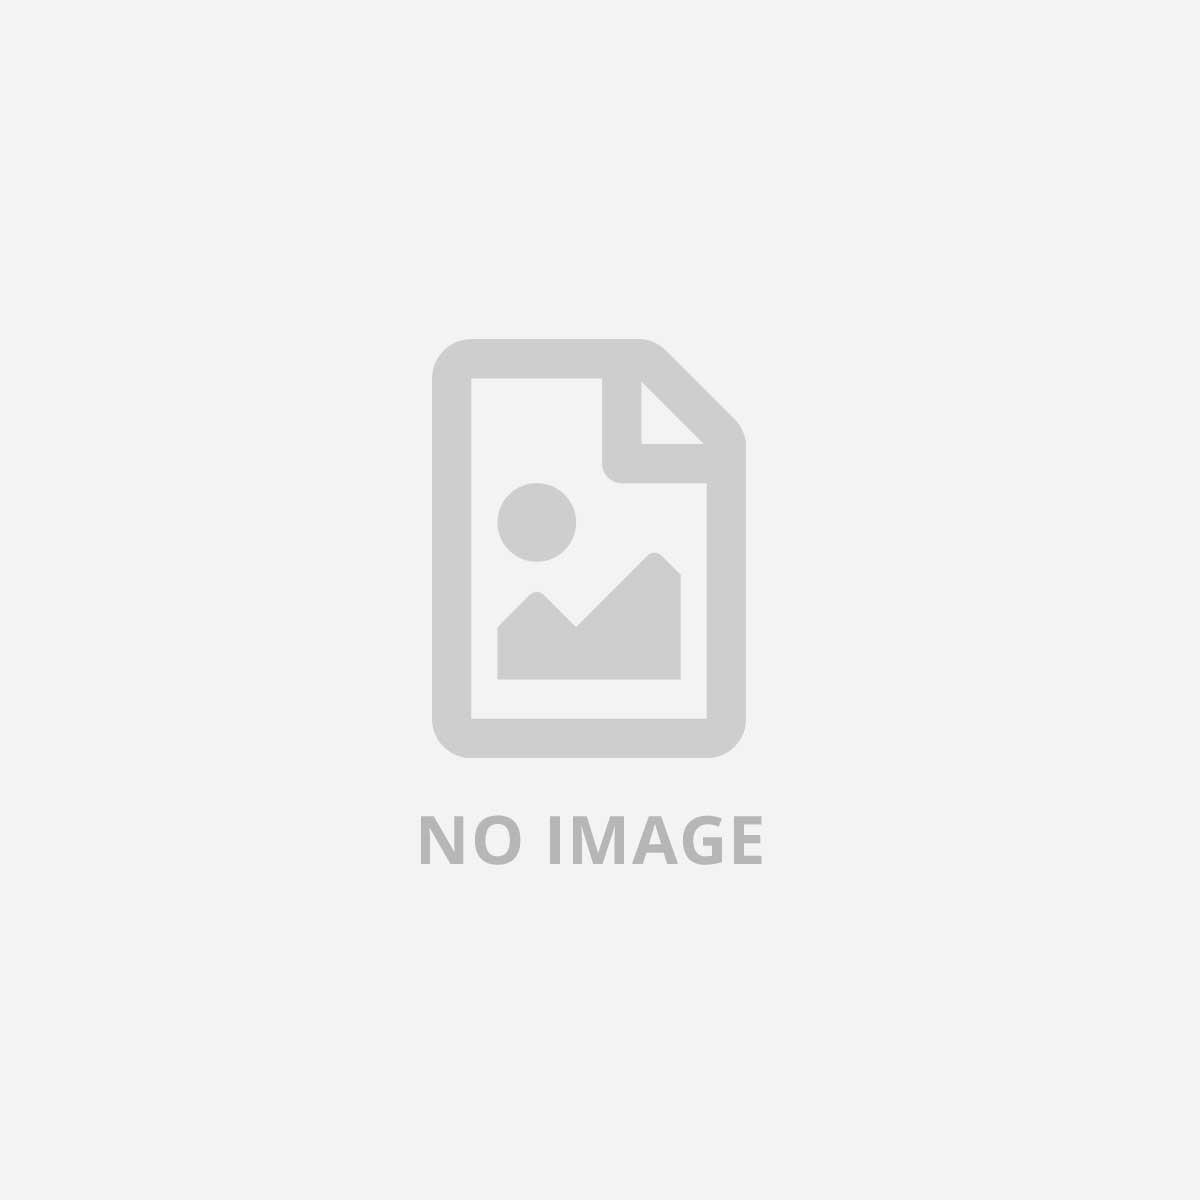 CANON FILTRO PROTETTIVO UV/SKY 52MM